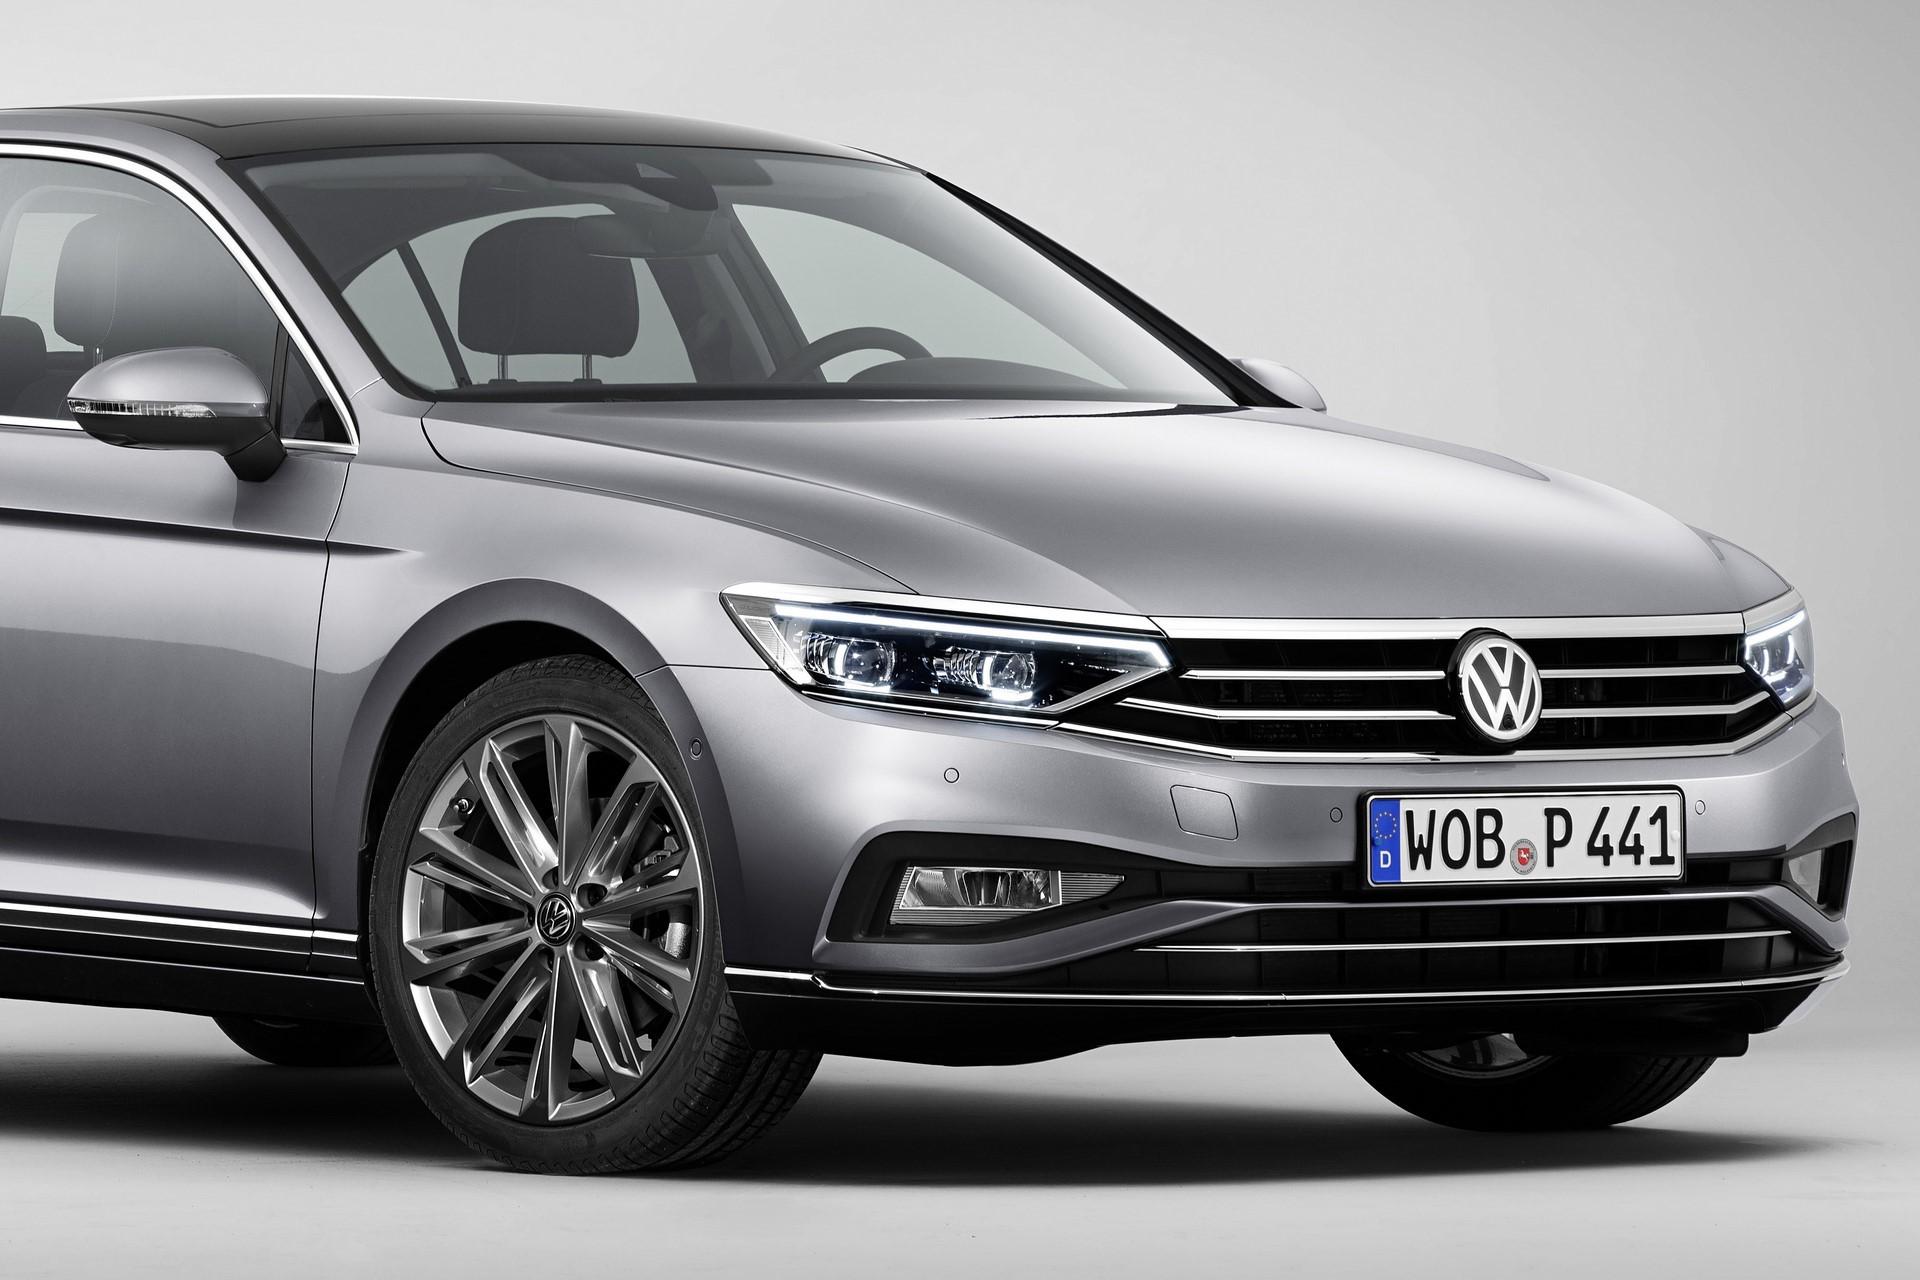 The new Volkswagen Passat